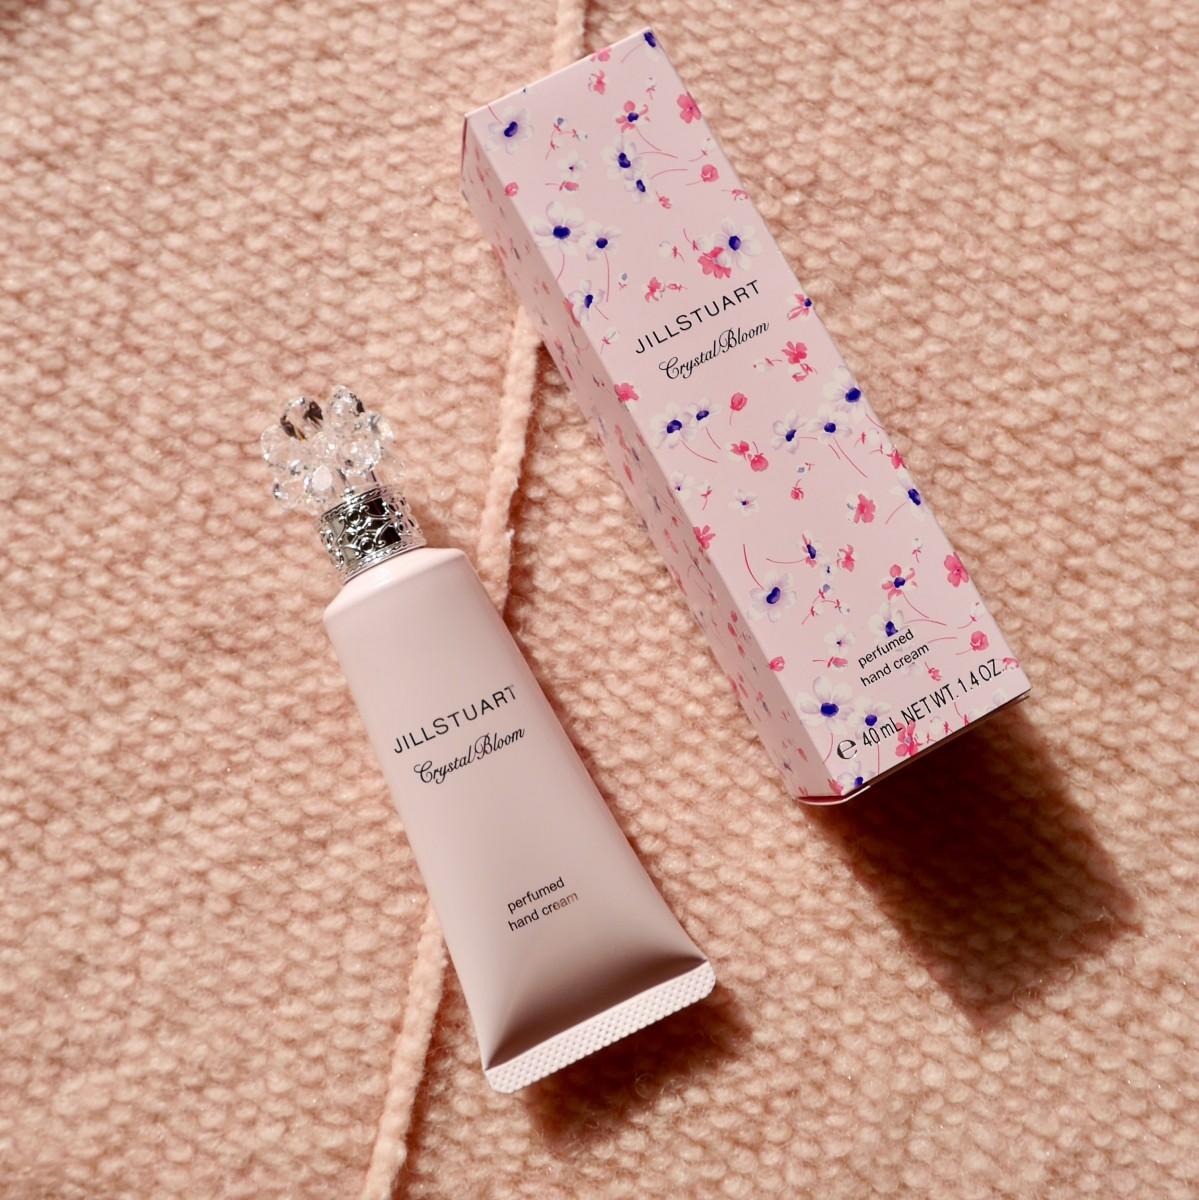 【新♡モテハンドクリーム】香るハンドクリームで冬の手元を楽しく保湿♡